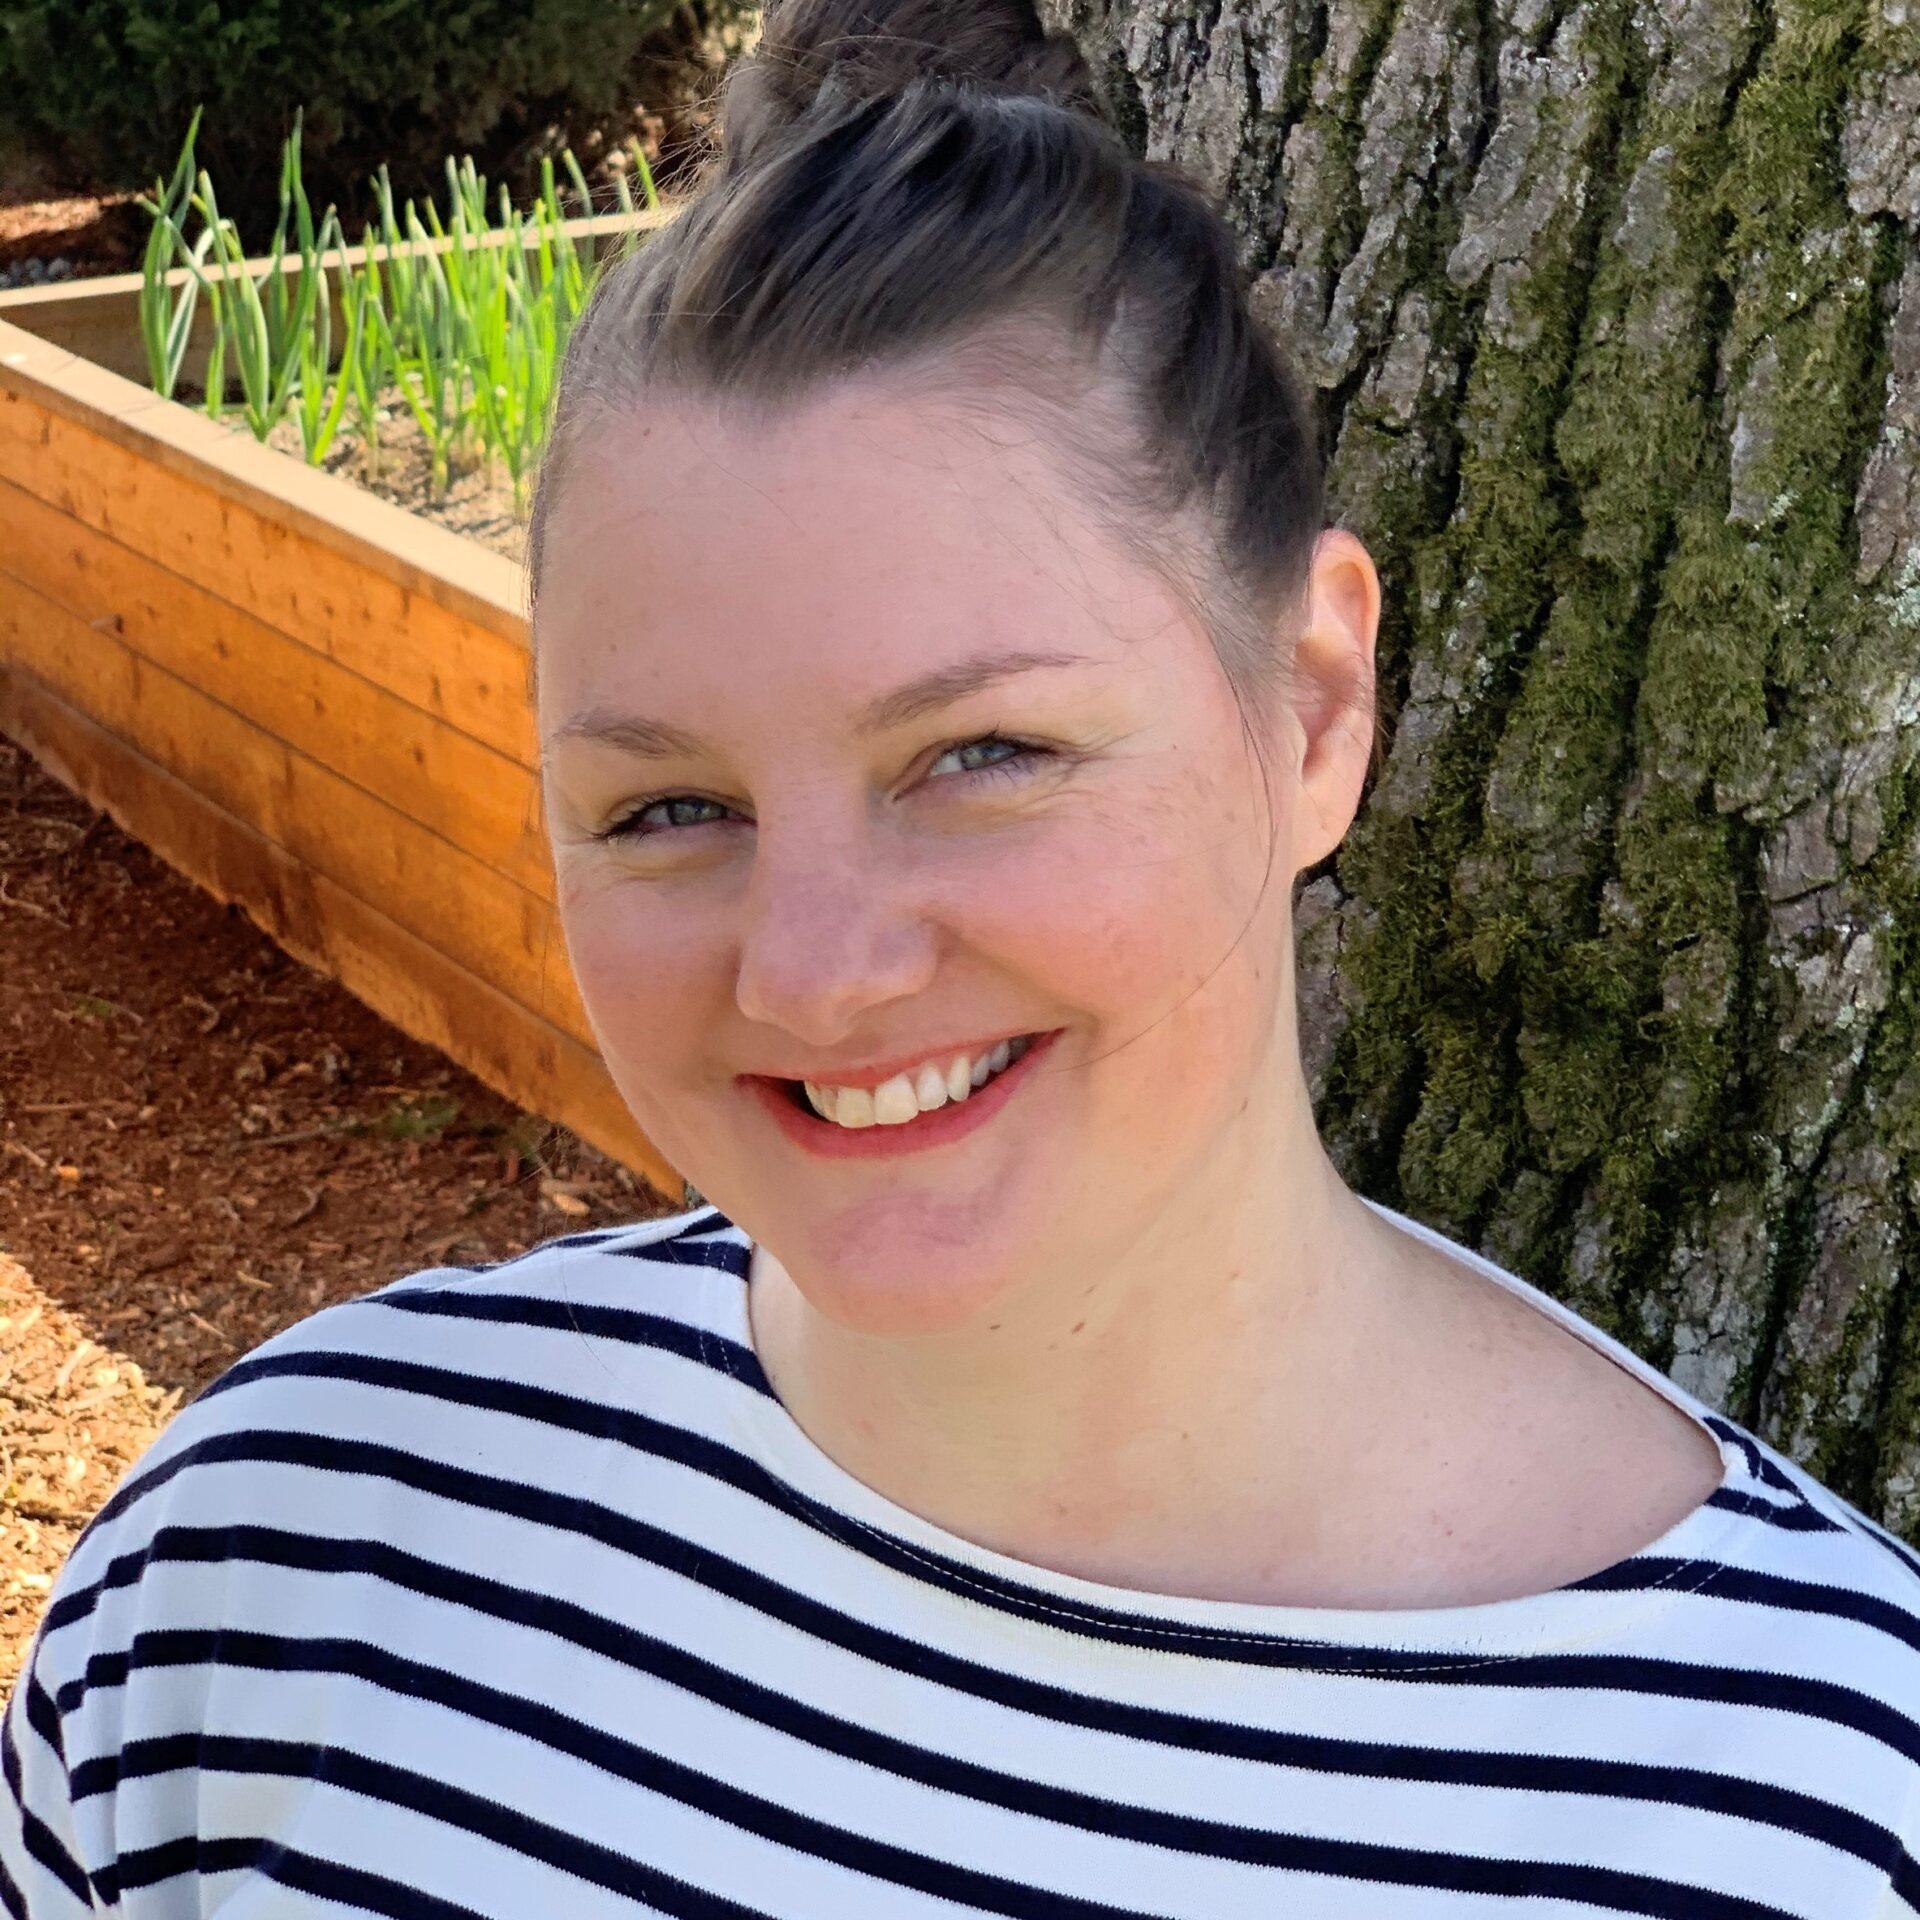 Mariah DeLeo Headshot Farm-to-Table